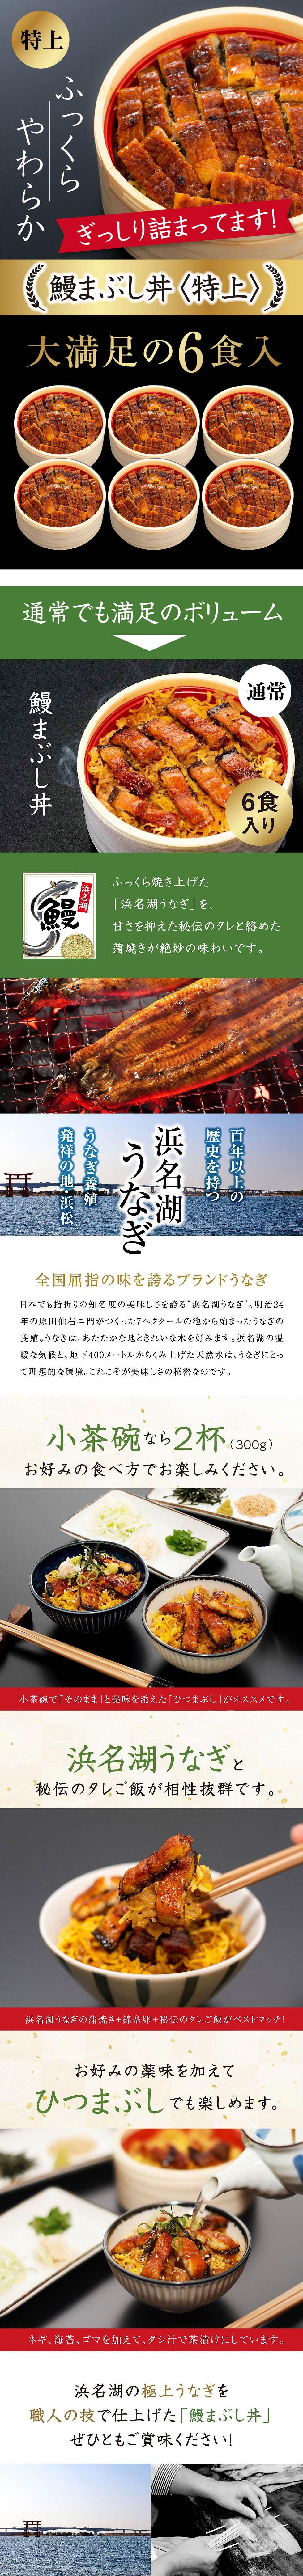 chikusen-unagi-main-2.jpg